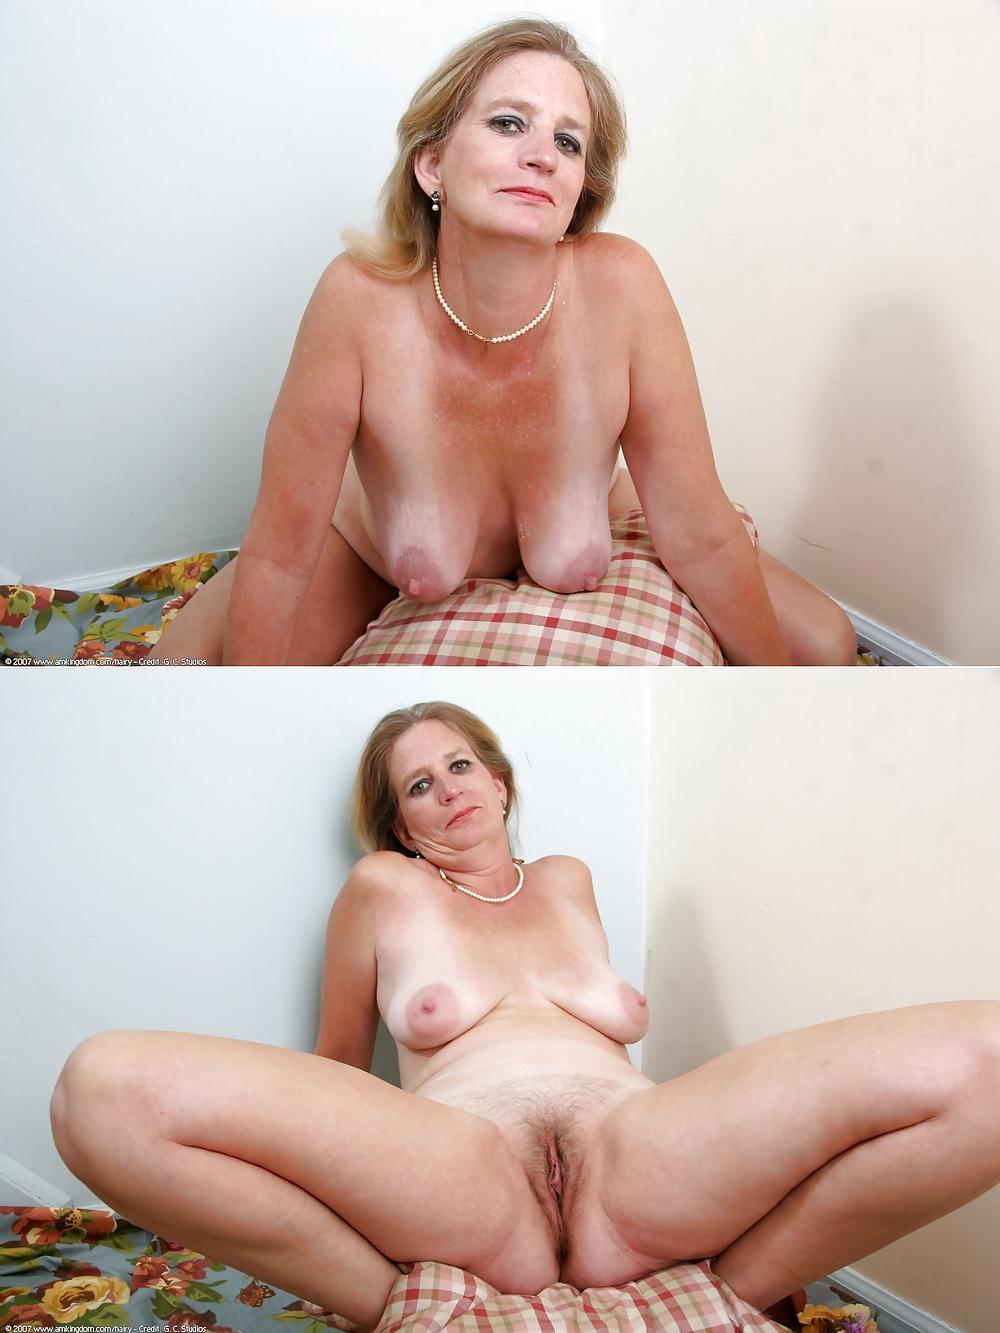 ДЕВКИ порно hd голые девки порно видео девки ебут и ...